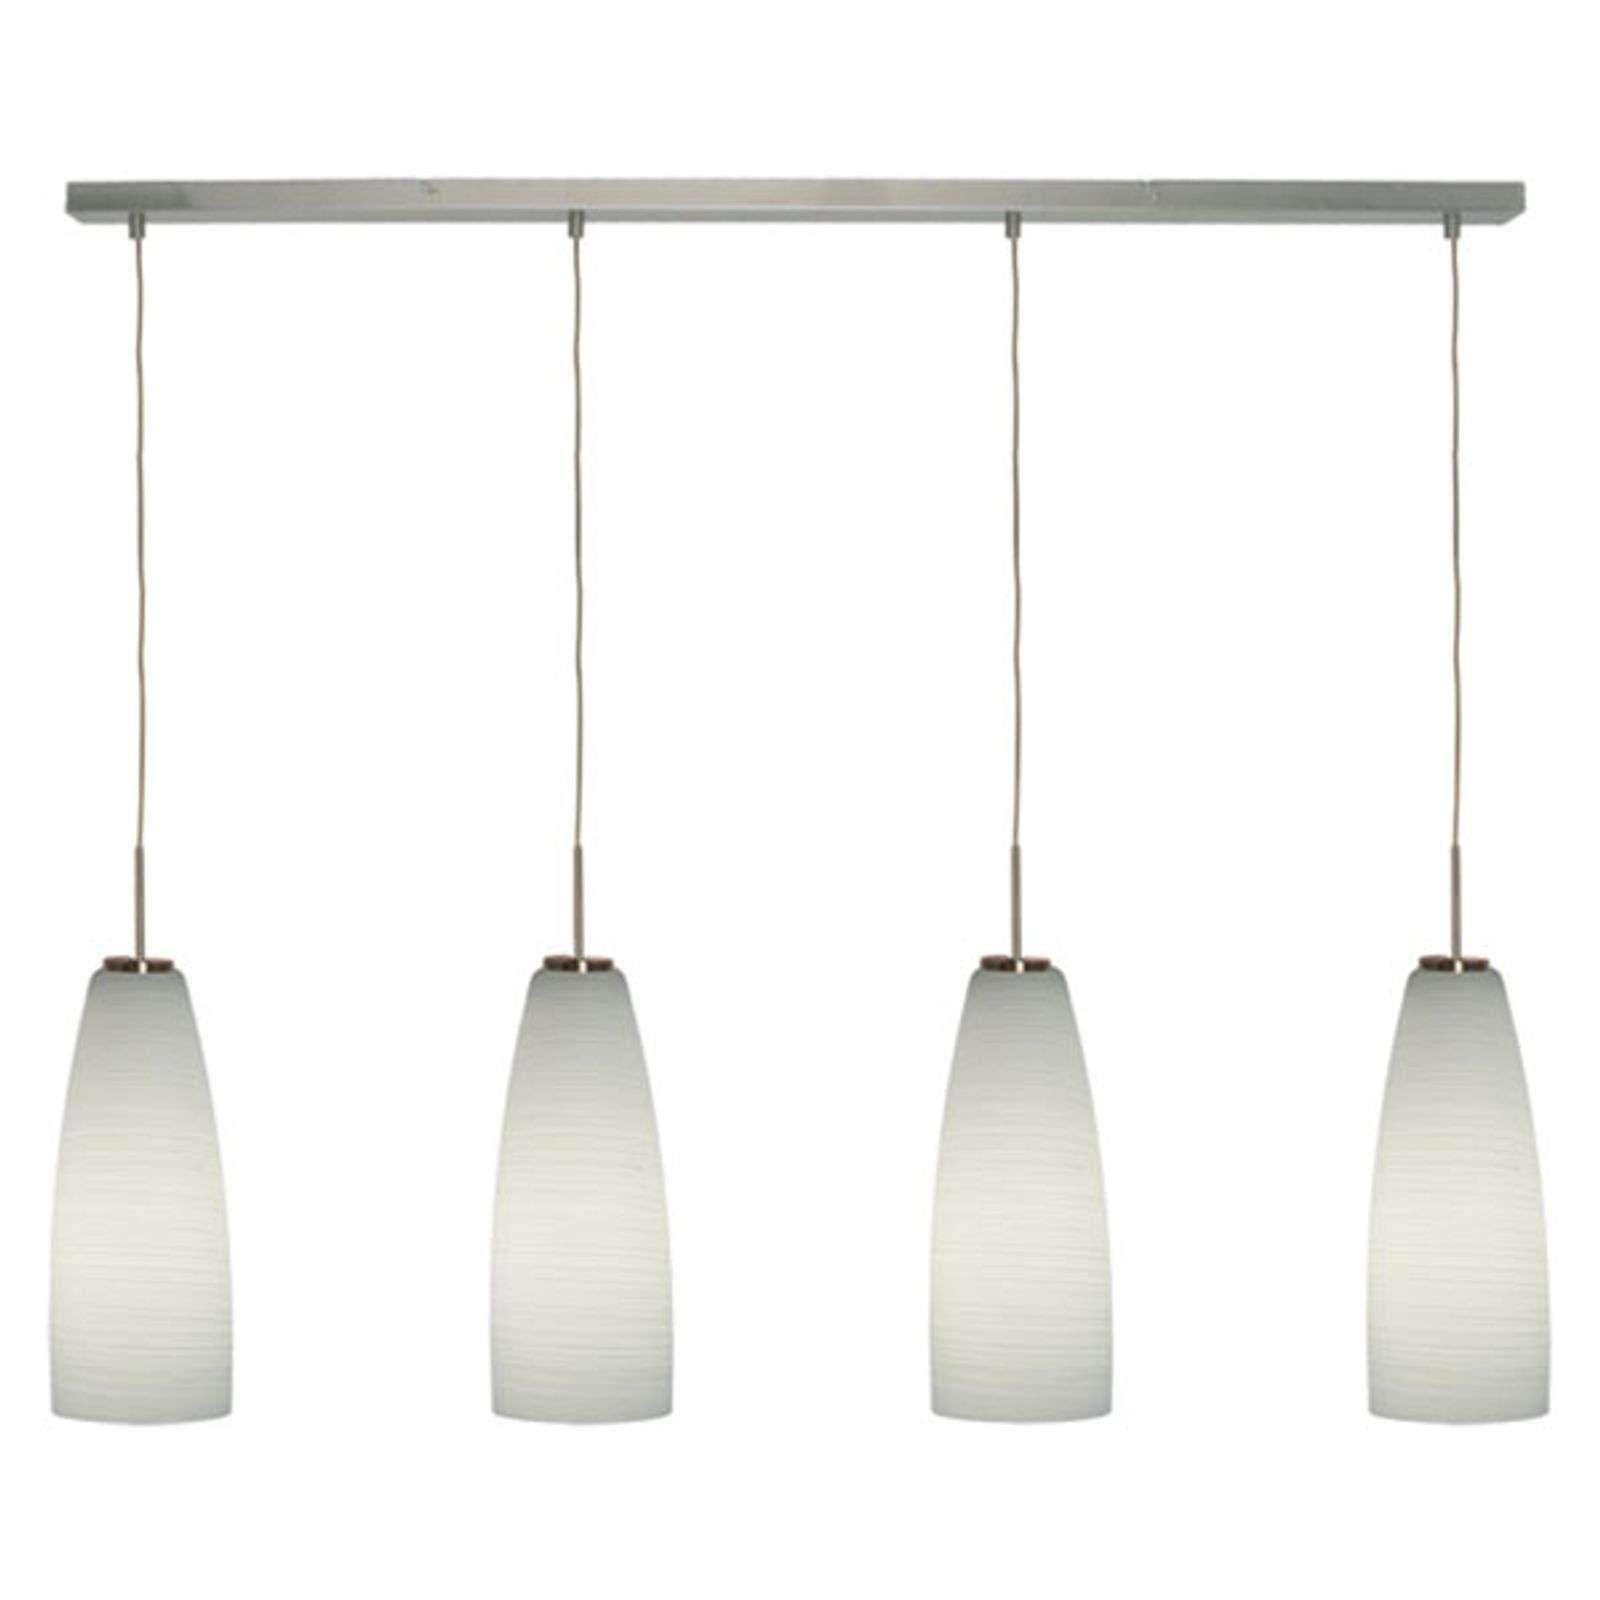 Led Einbauleuchten Dimmbar Paulmann Hängeleuchte Silber Kugel Hängeleuchten Led Höhenverstell Pendelleuchte Esstisch Dekorative Lampen Esstisch Beleuchtung